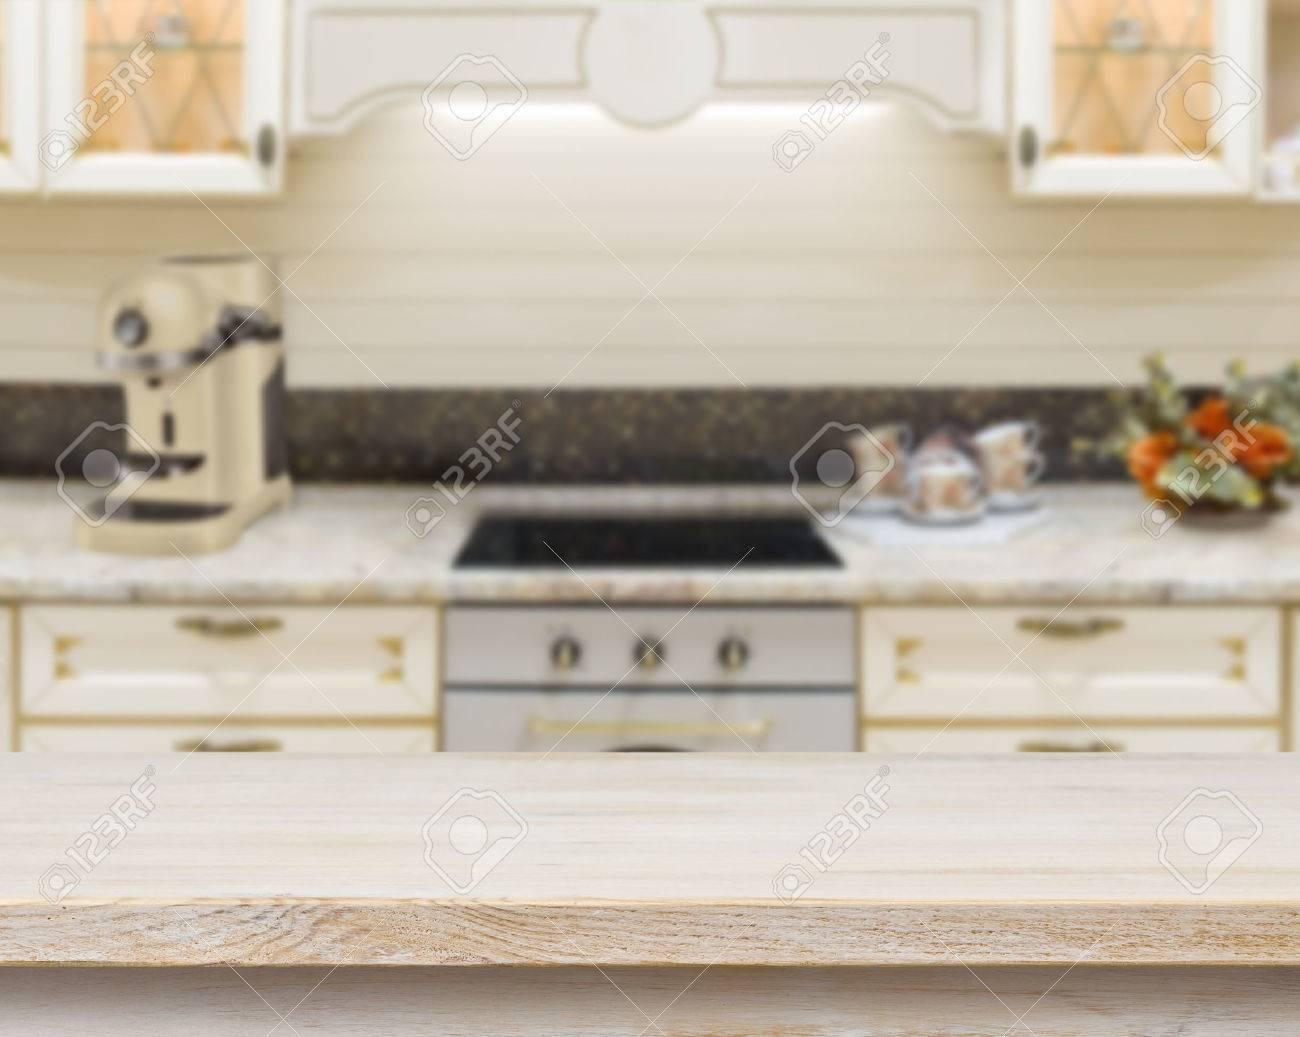 Mesa Con Textura De Madera Sobre El Fogón De La Cocina Borrosa Fondo ...